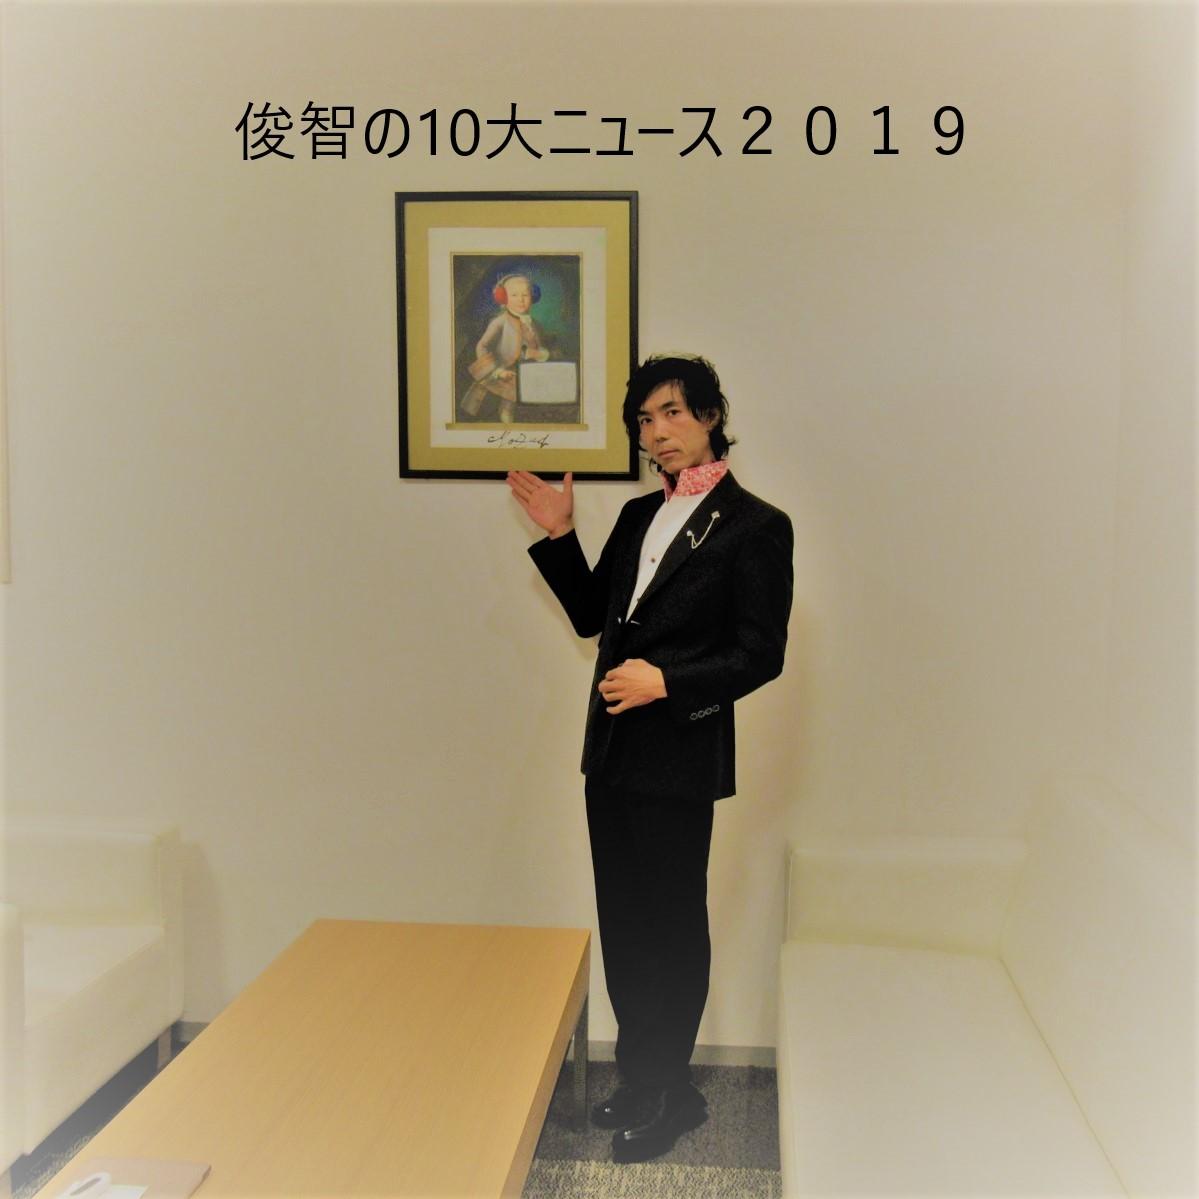 俊智流10大ニュース2019